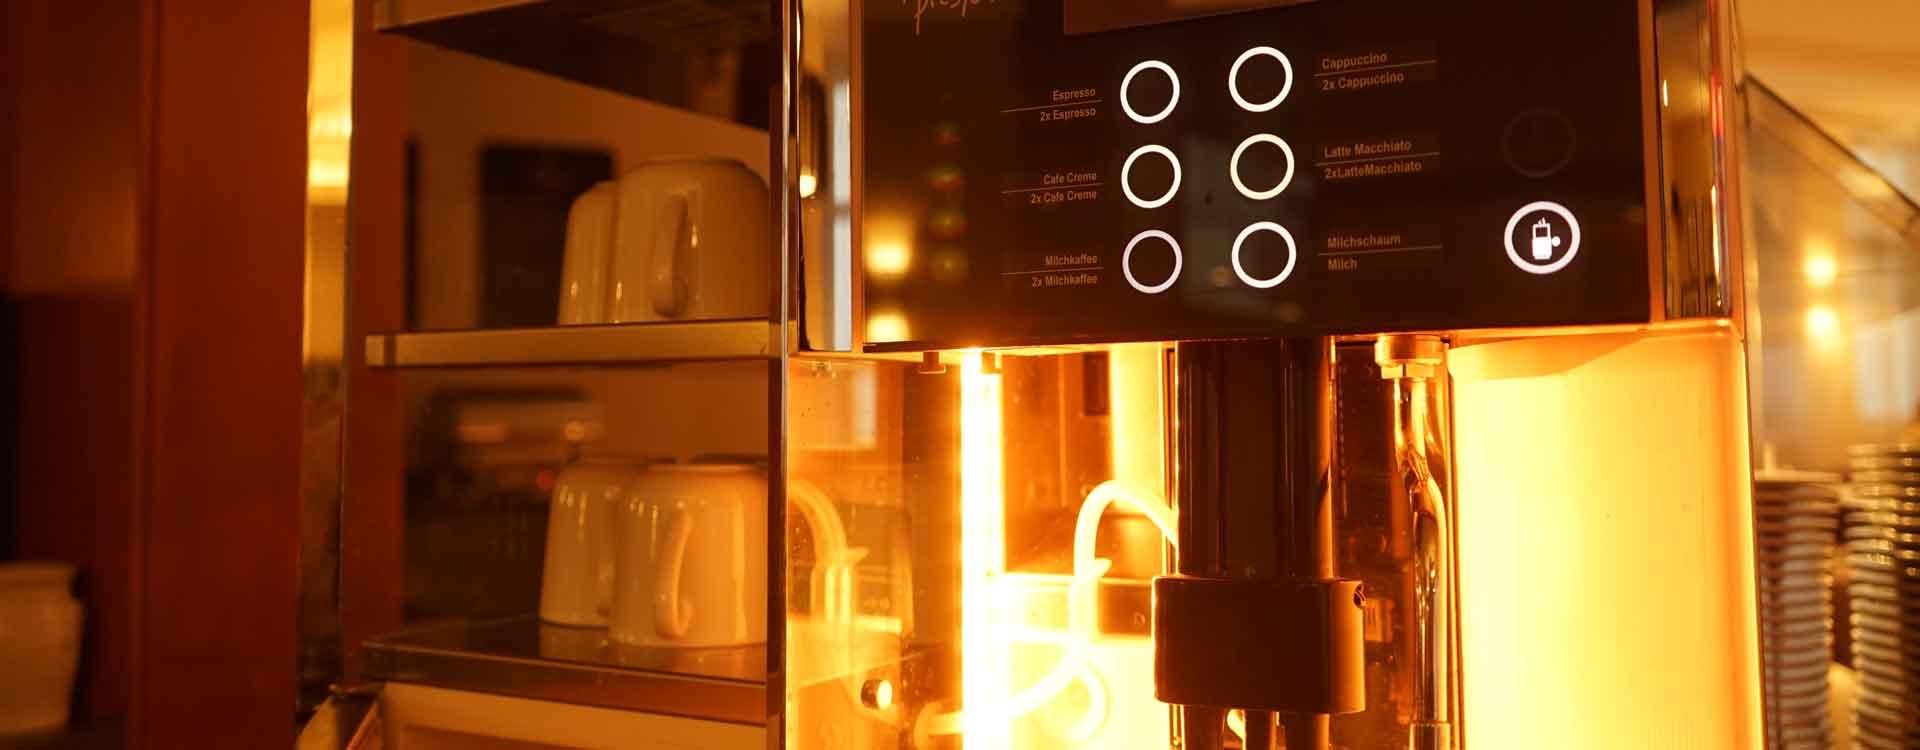 Kaffeevollautomat in Betrieb